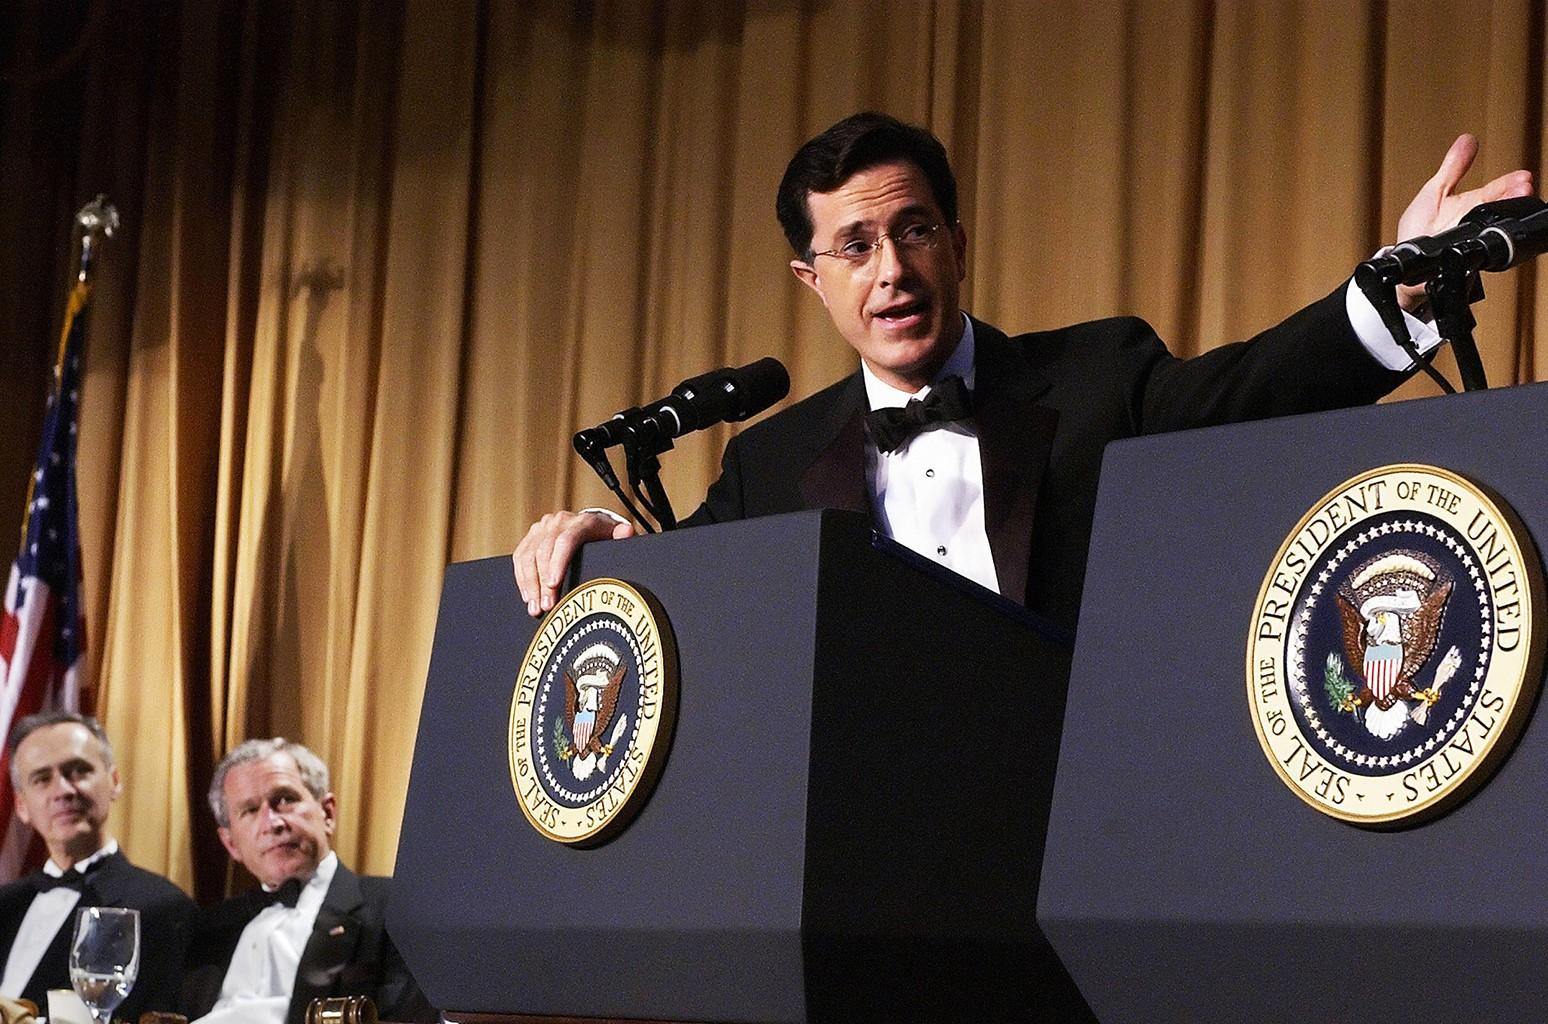 Stephen Colbert, George W. Bush & Tom Curley